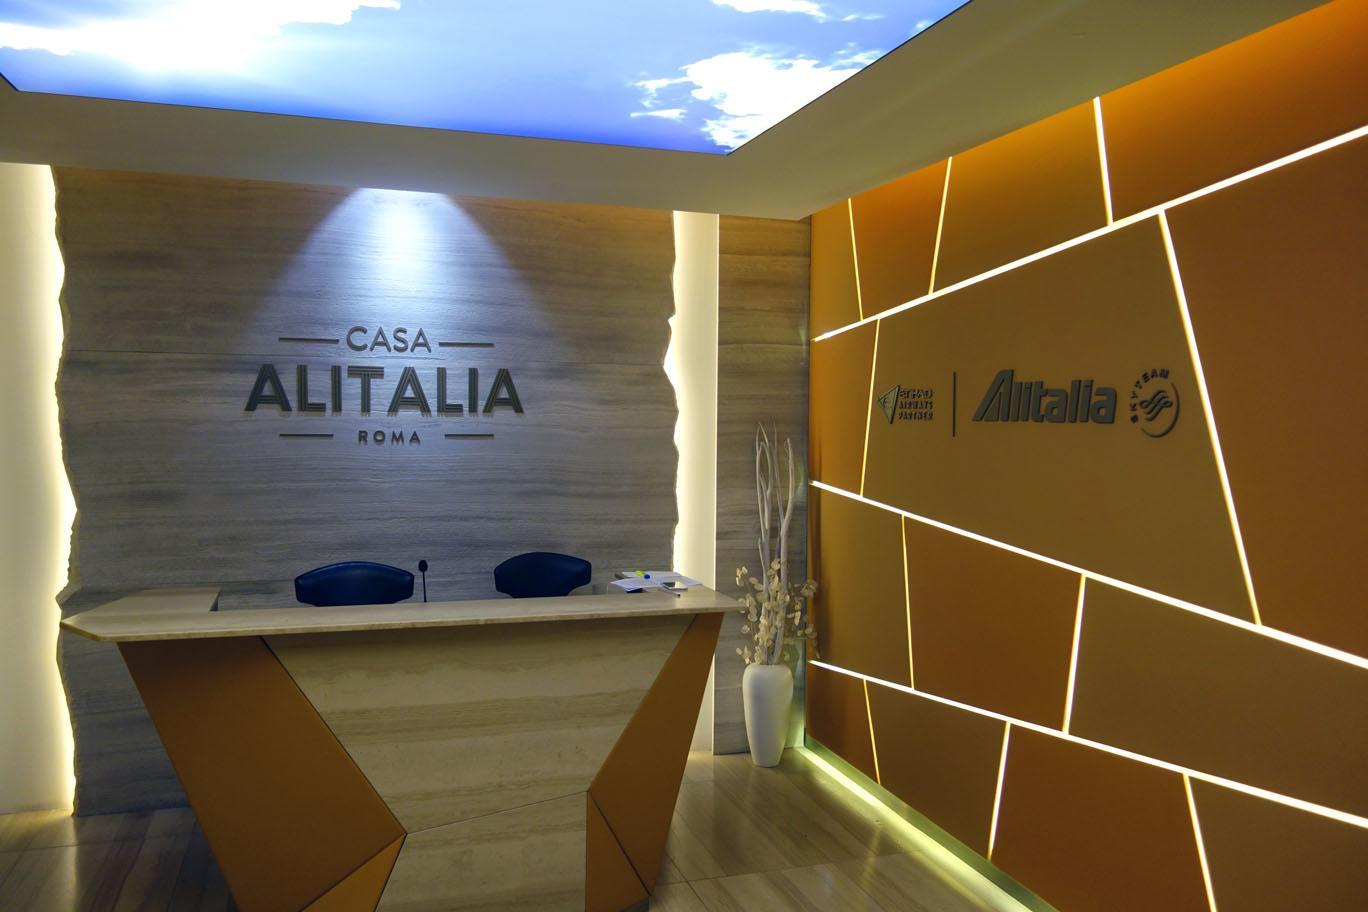 Маски теперь обязательны на рейсах Alitalia